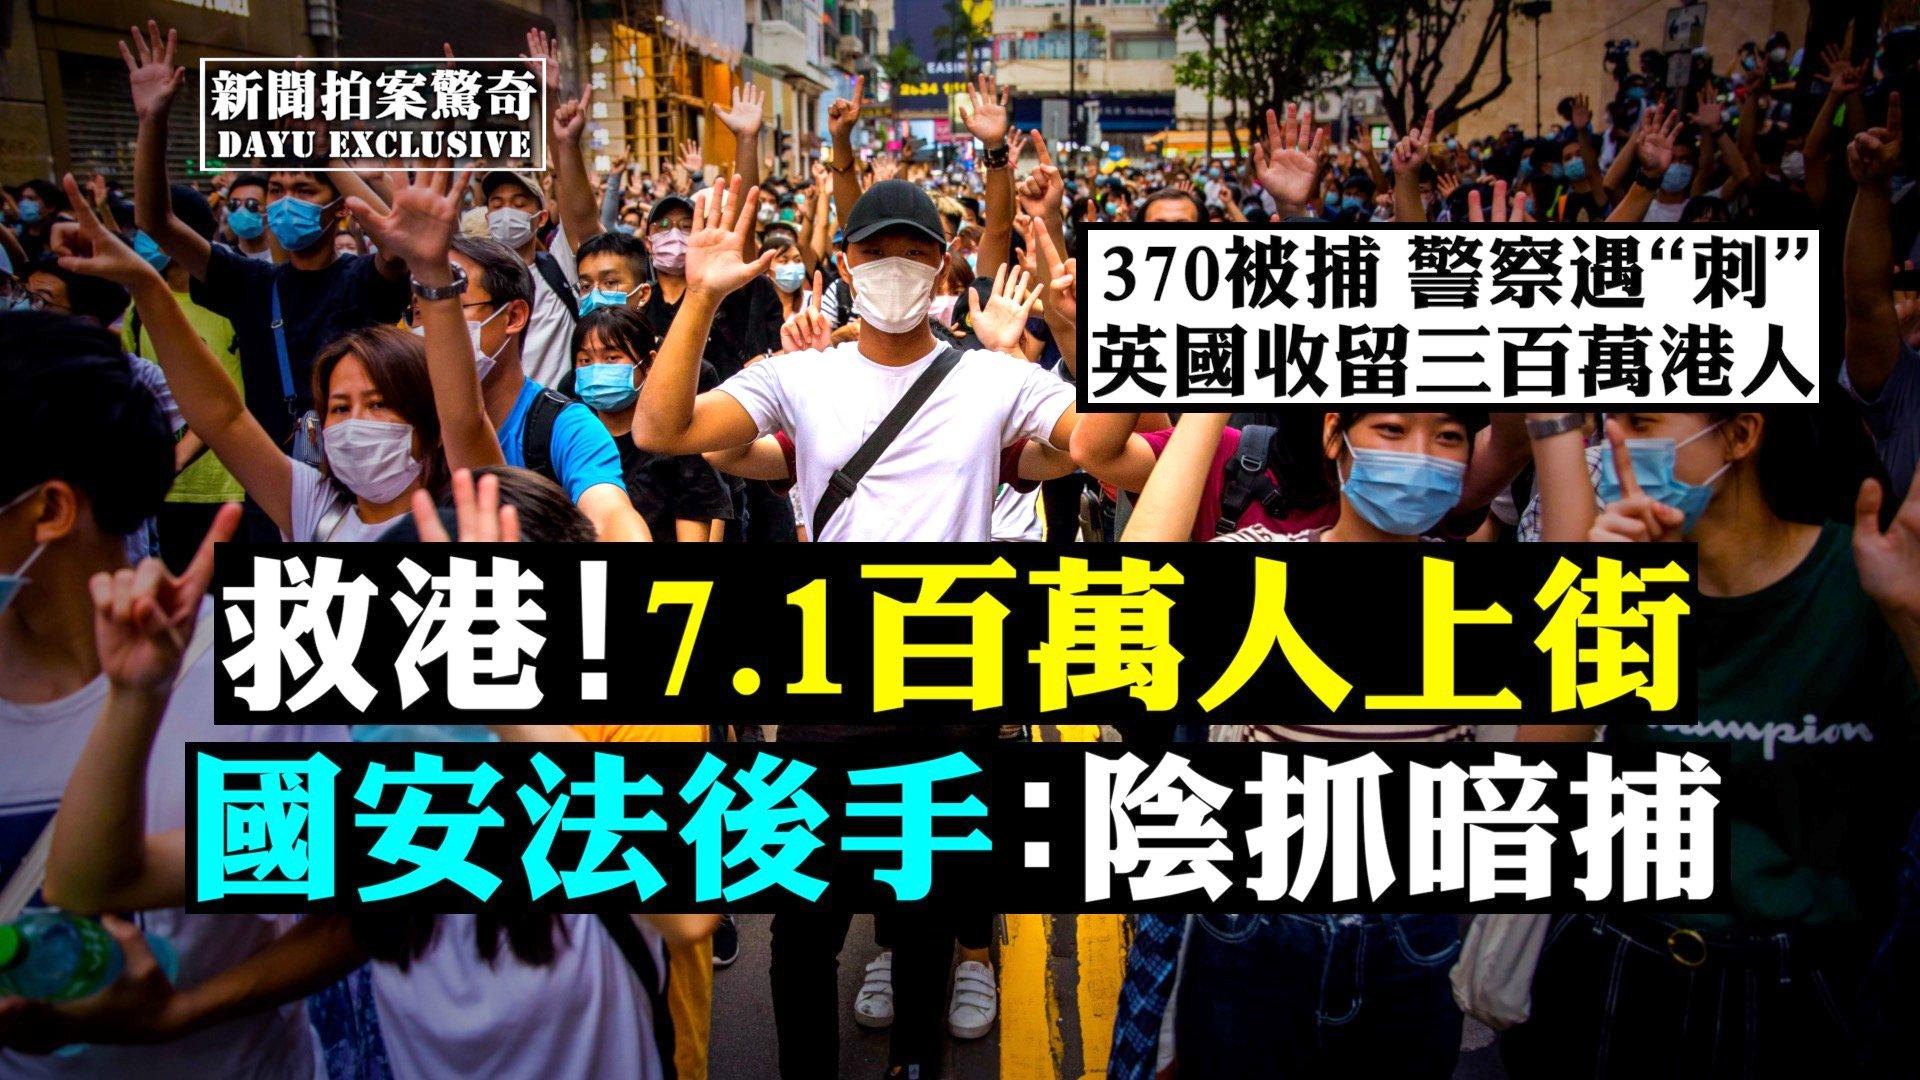 今年七一遊行,是97年主權移交後,第一次沒有得到警方的不反對通知書,上街後一旦被捕,有很大機會被警察以「非法聚集」檢控。(新唐人合成)